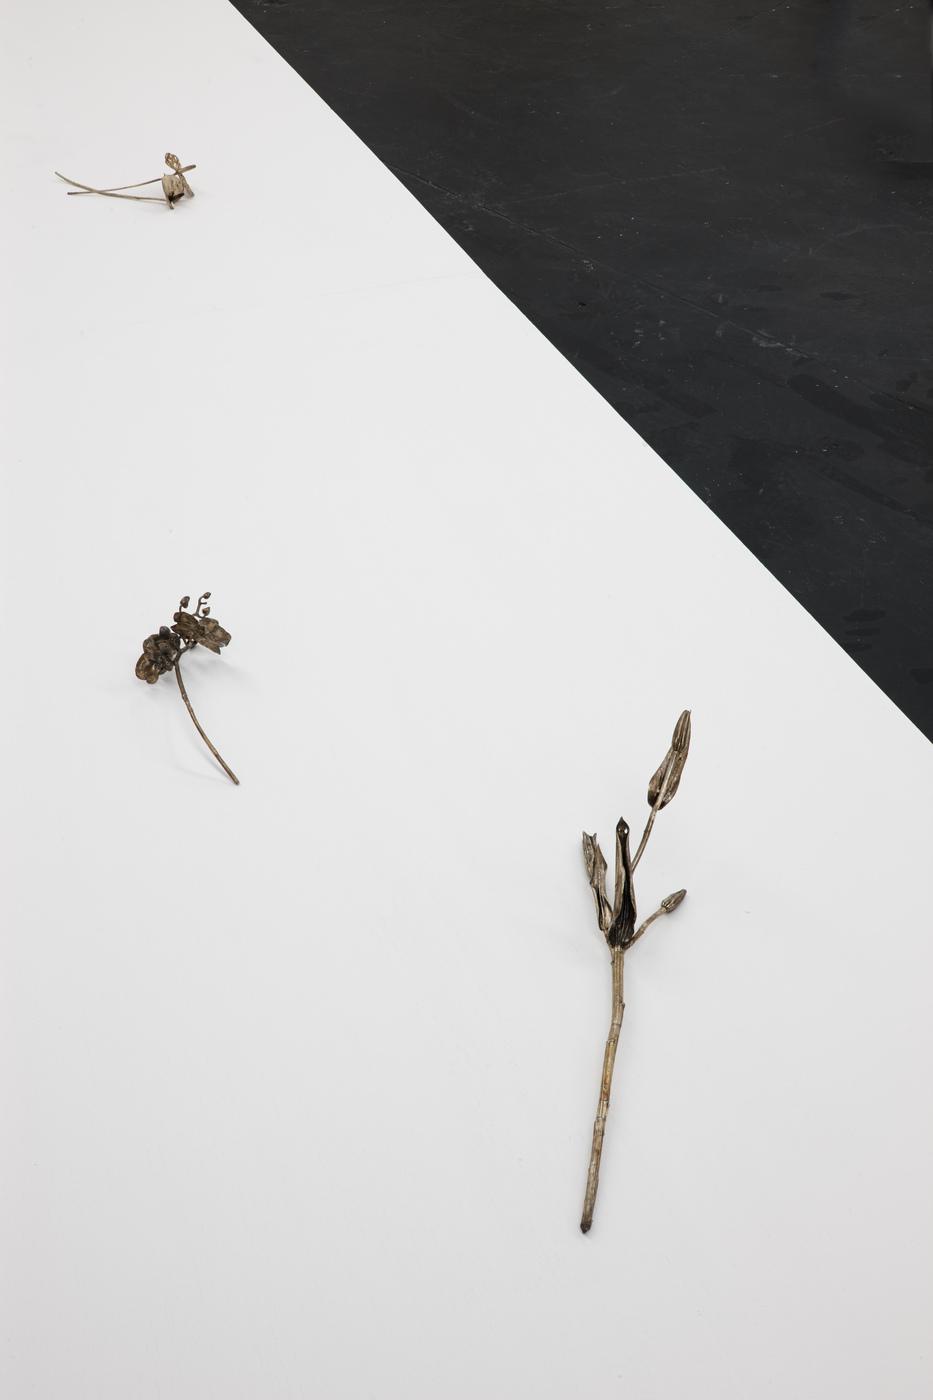 Ross Iannatti - Oro Valley - Installation View X